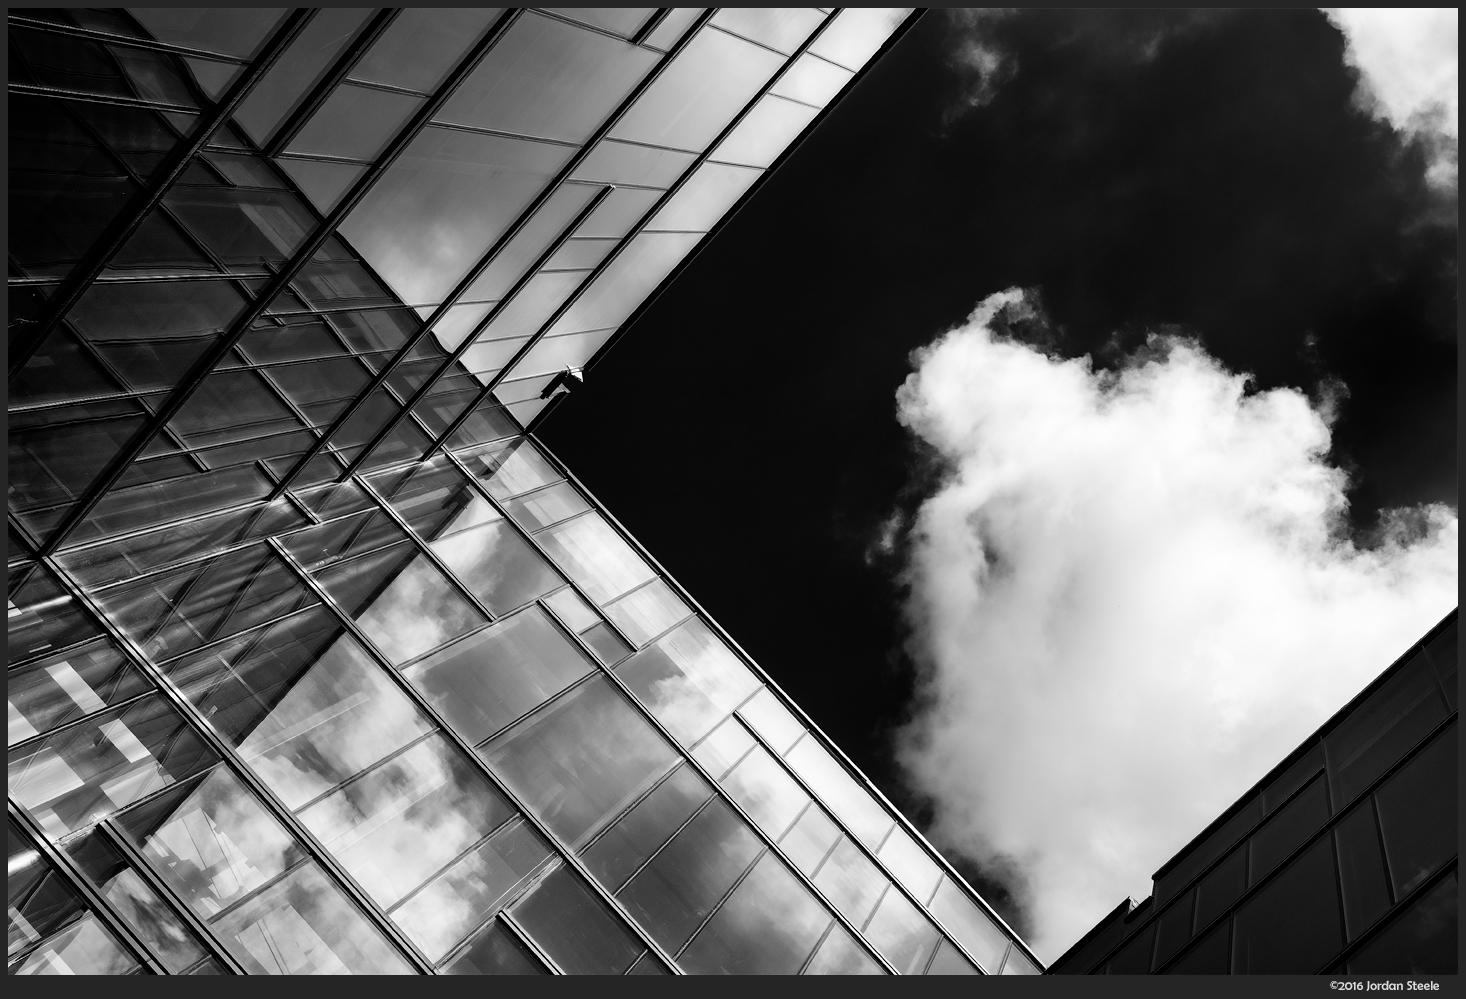 Black Diamonds - Sony A7 II with Sony FE 50mm f/1.8 @